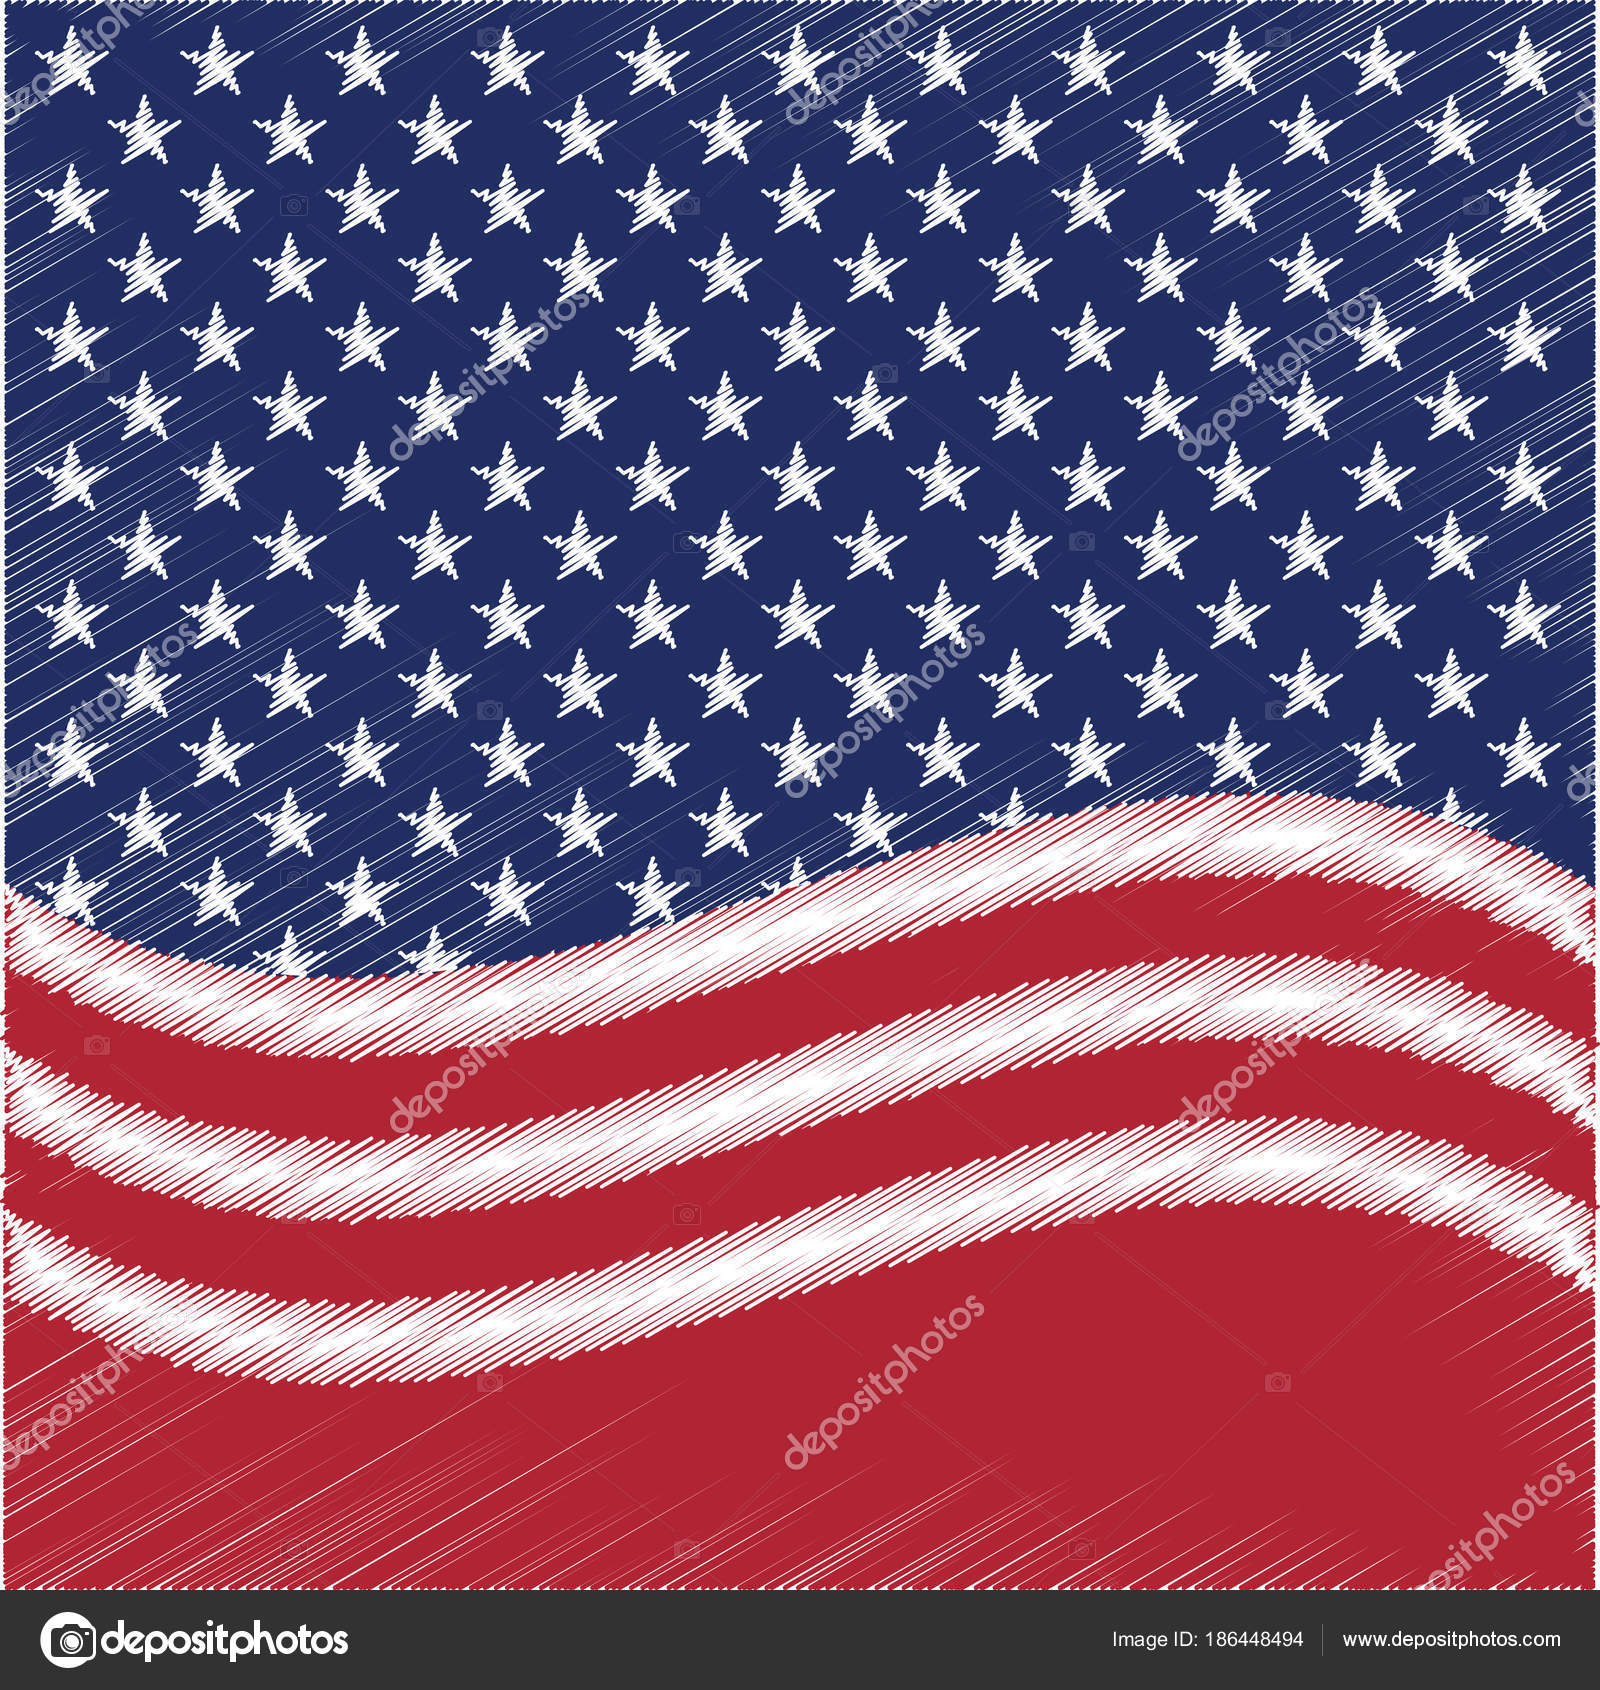 USA-Sterne Vektor-Hintergrund. Amerikanische Scherenschnitt ...